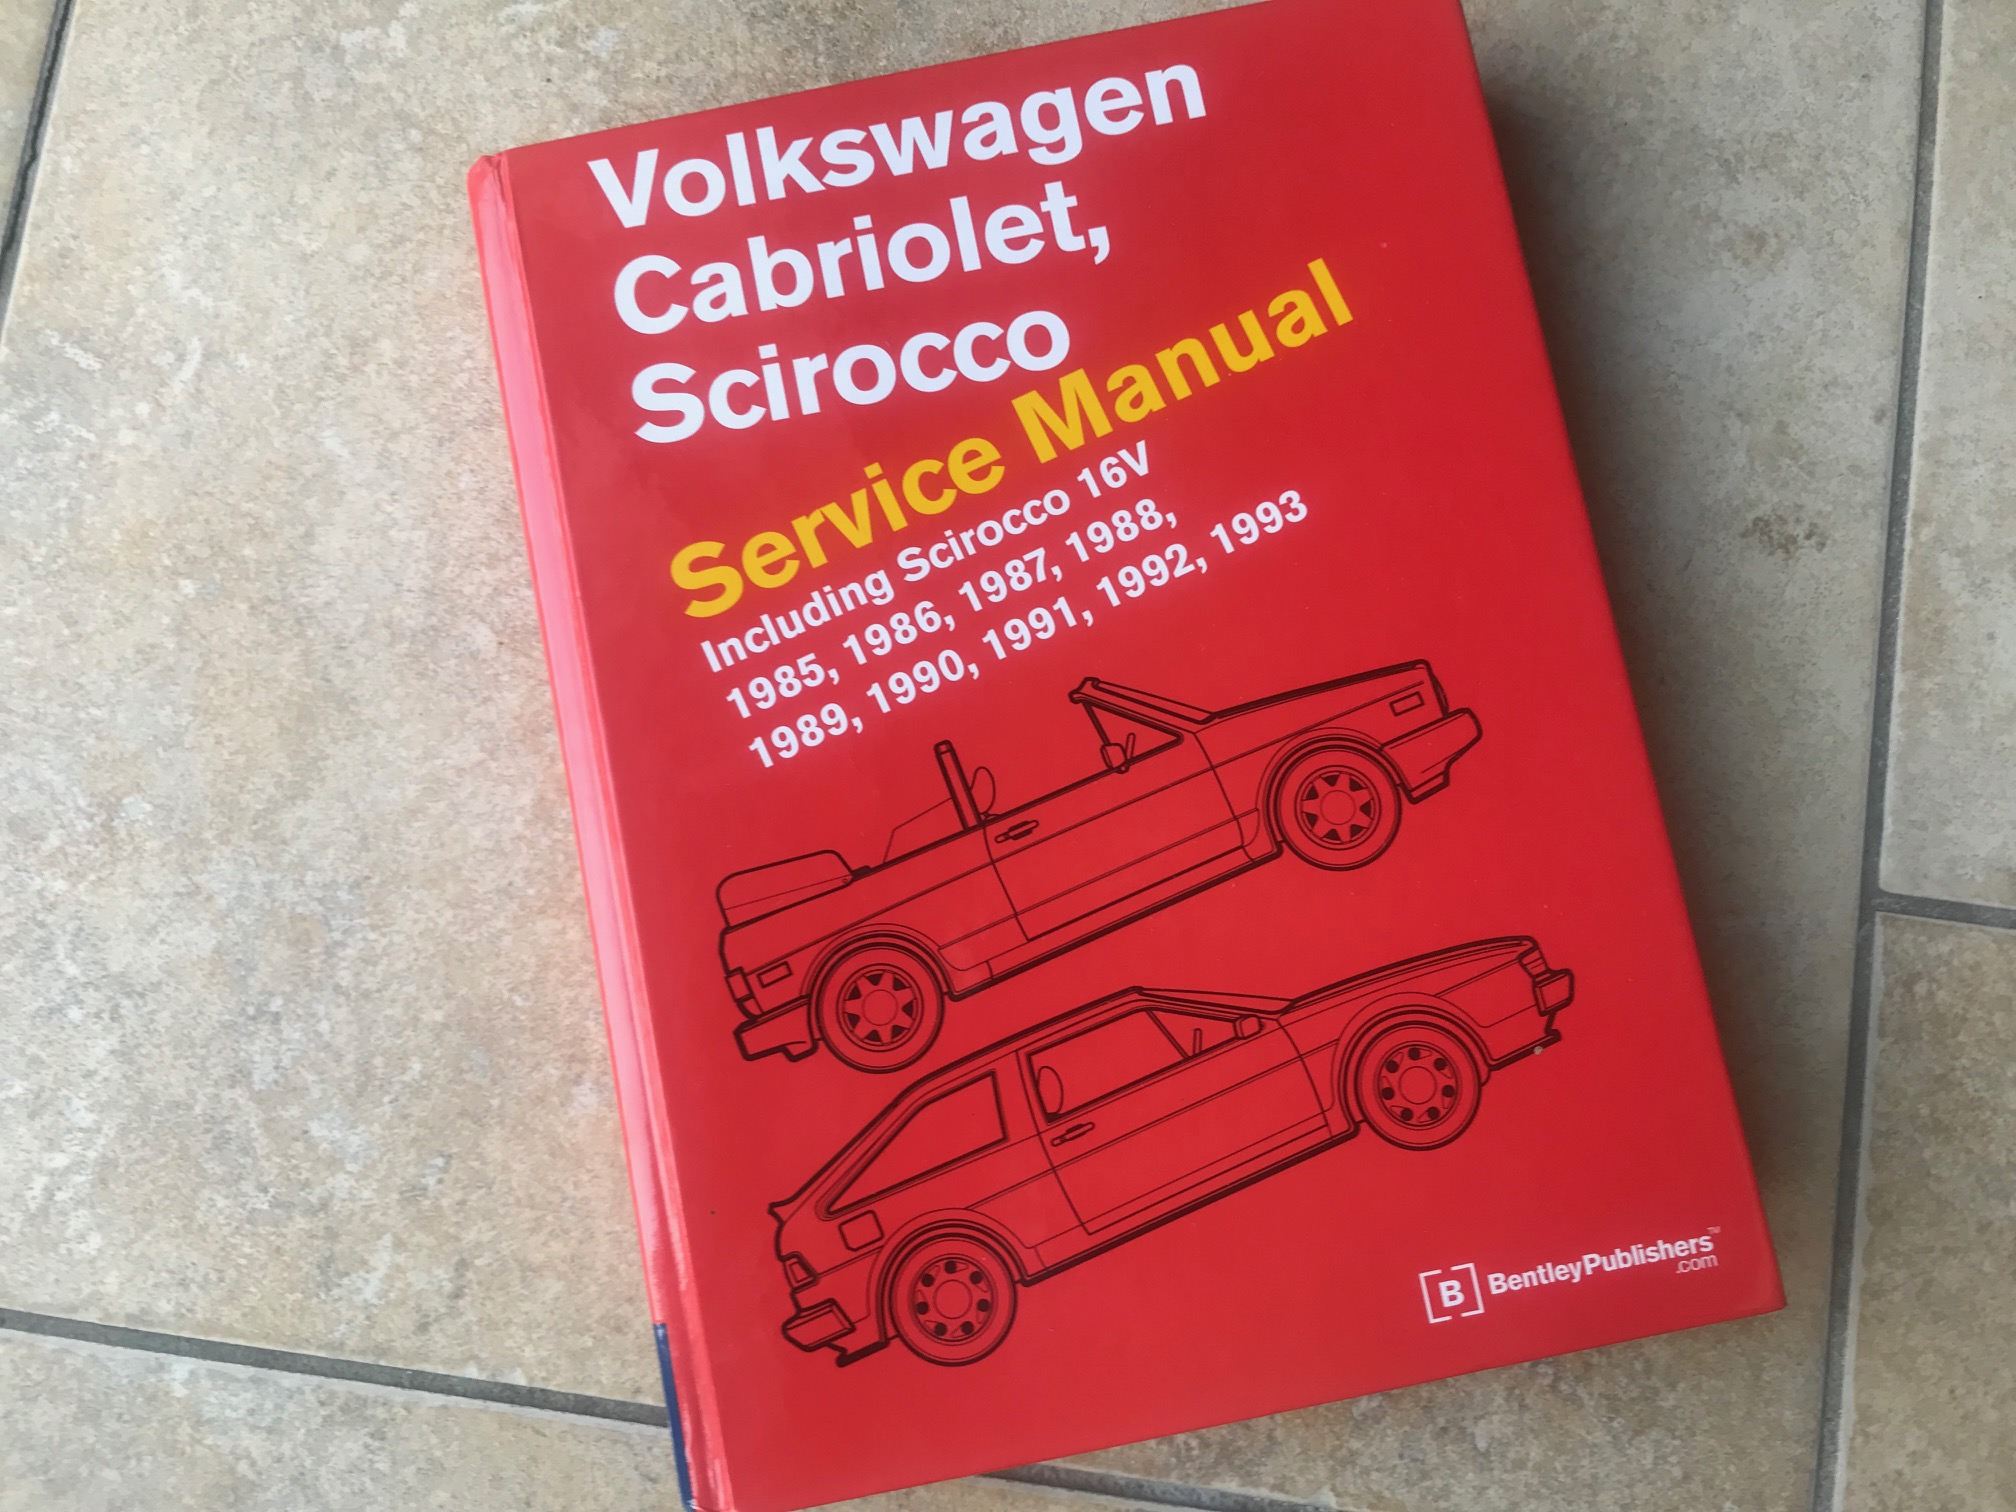 Bentley Volkswagen Cabriolet, Scirocco Service Manual